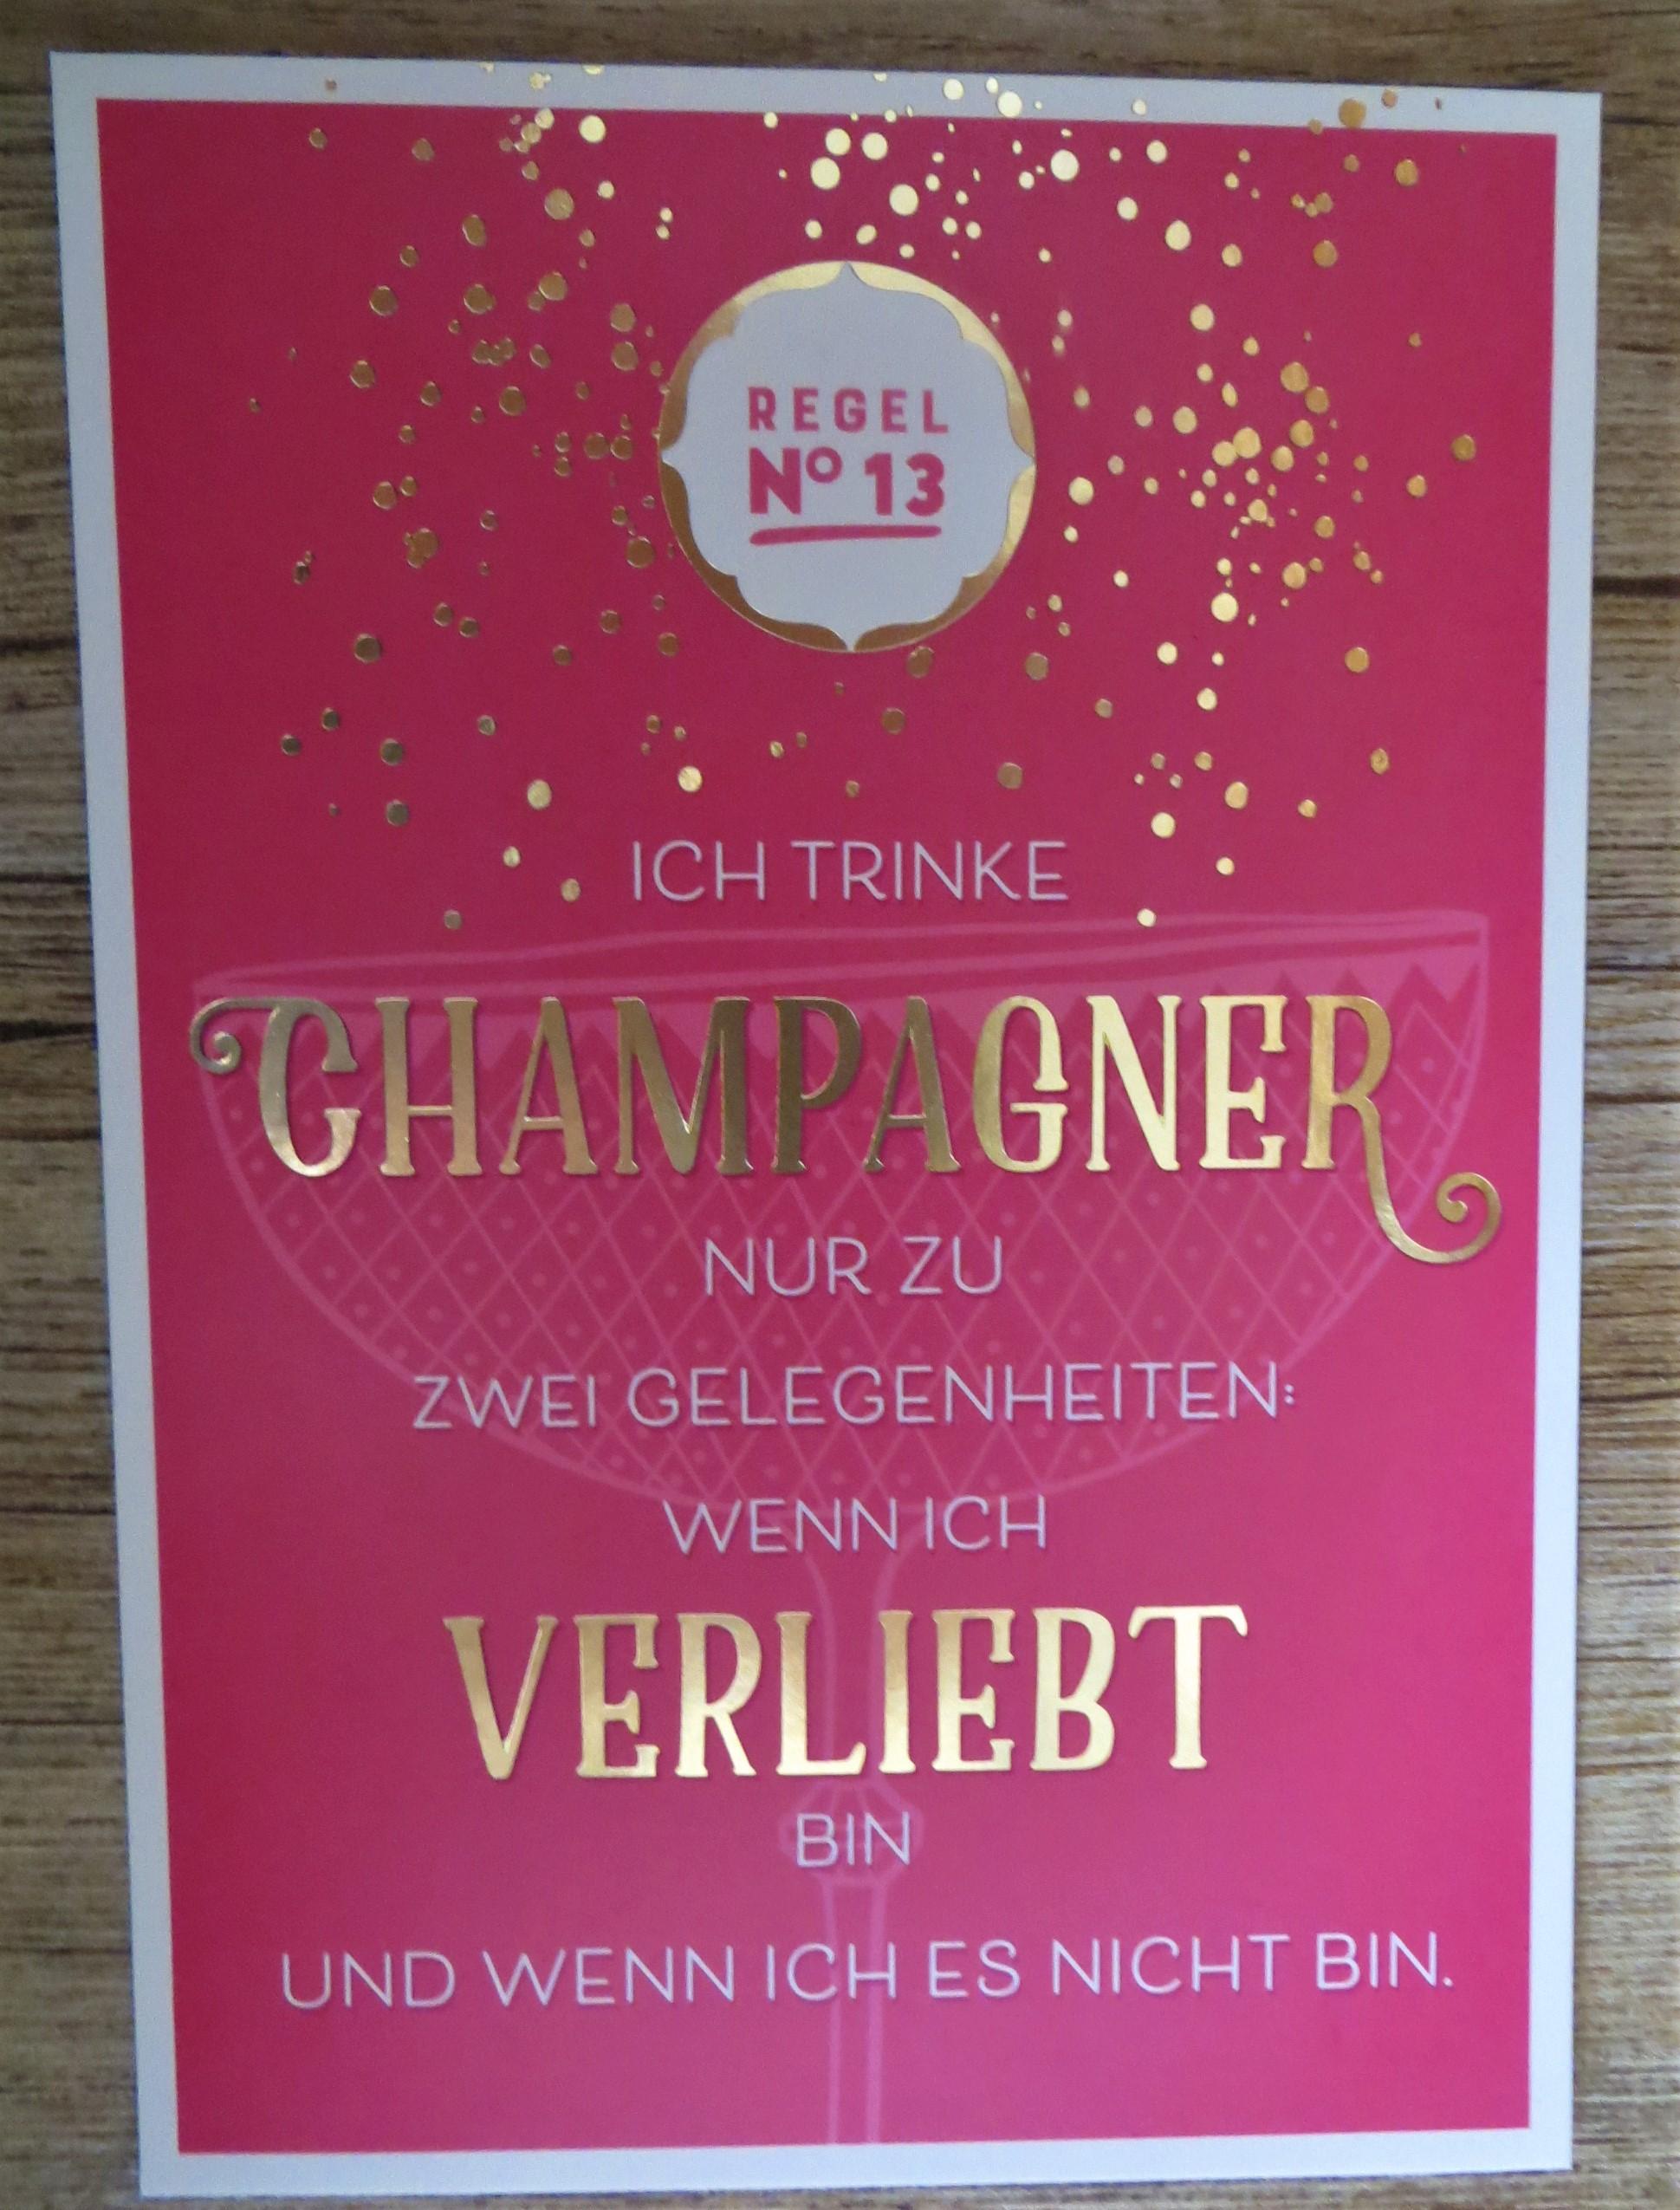 Nützlichgrusskarten - Postkarte REGEL No13 ICH TRINKE CHAMPAGNER NUR ZU ZWEI GELEGENHEITEN... VintageArt - Onlineshop Tante Emmer